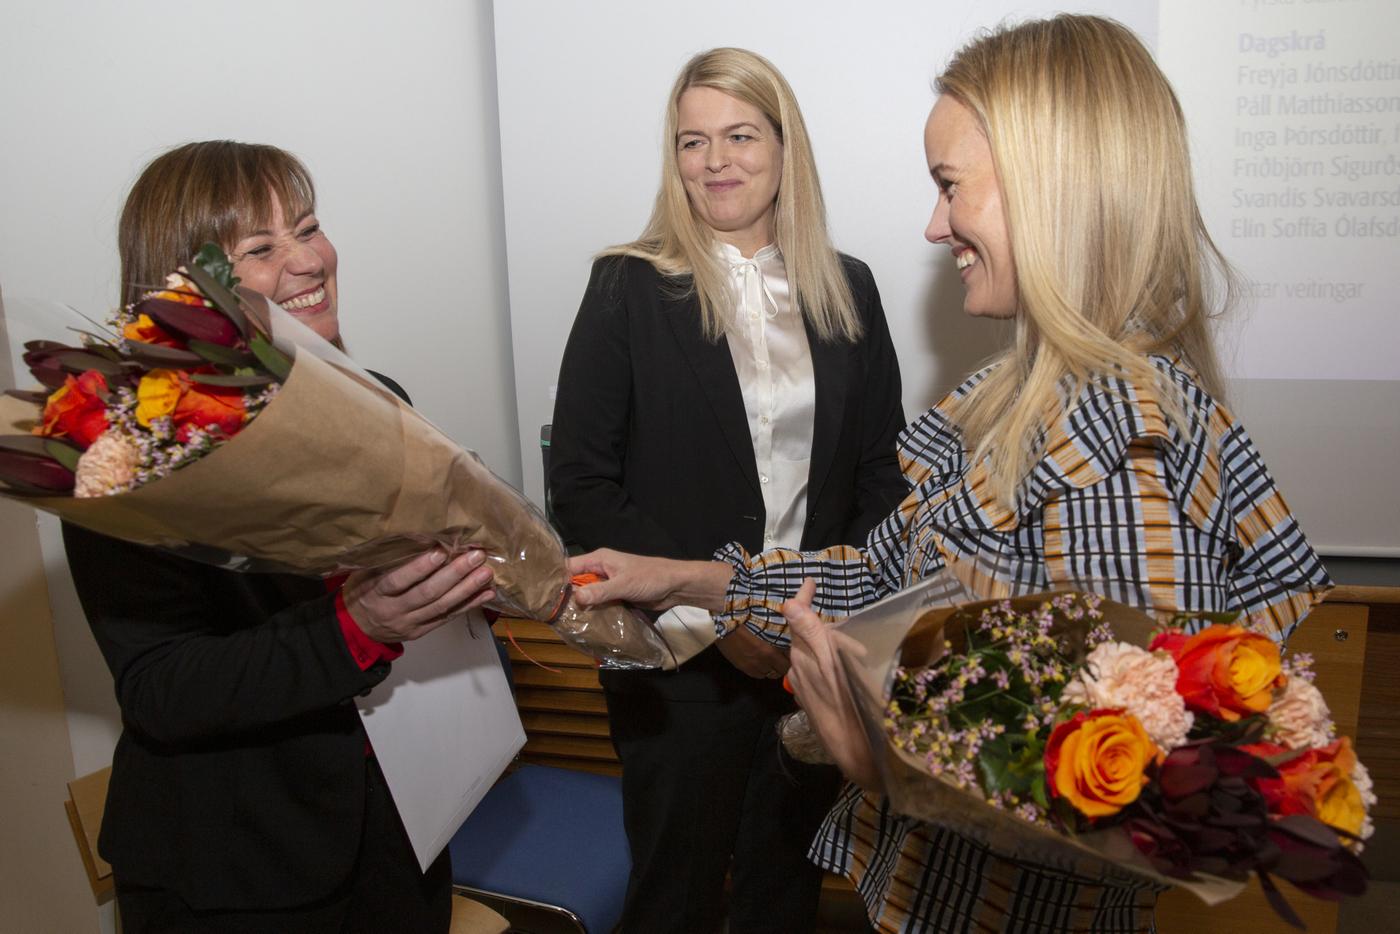 Freyja Jónsdóttir, María Jóhannsdóttir, Helga Kristinsdóttir, Lyfjafræðideild, Háskóli Íslands